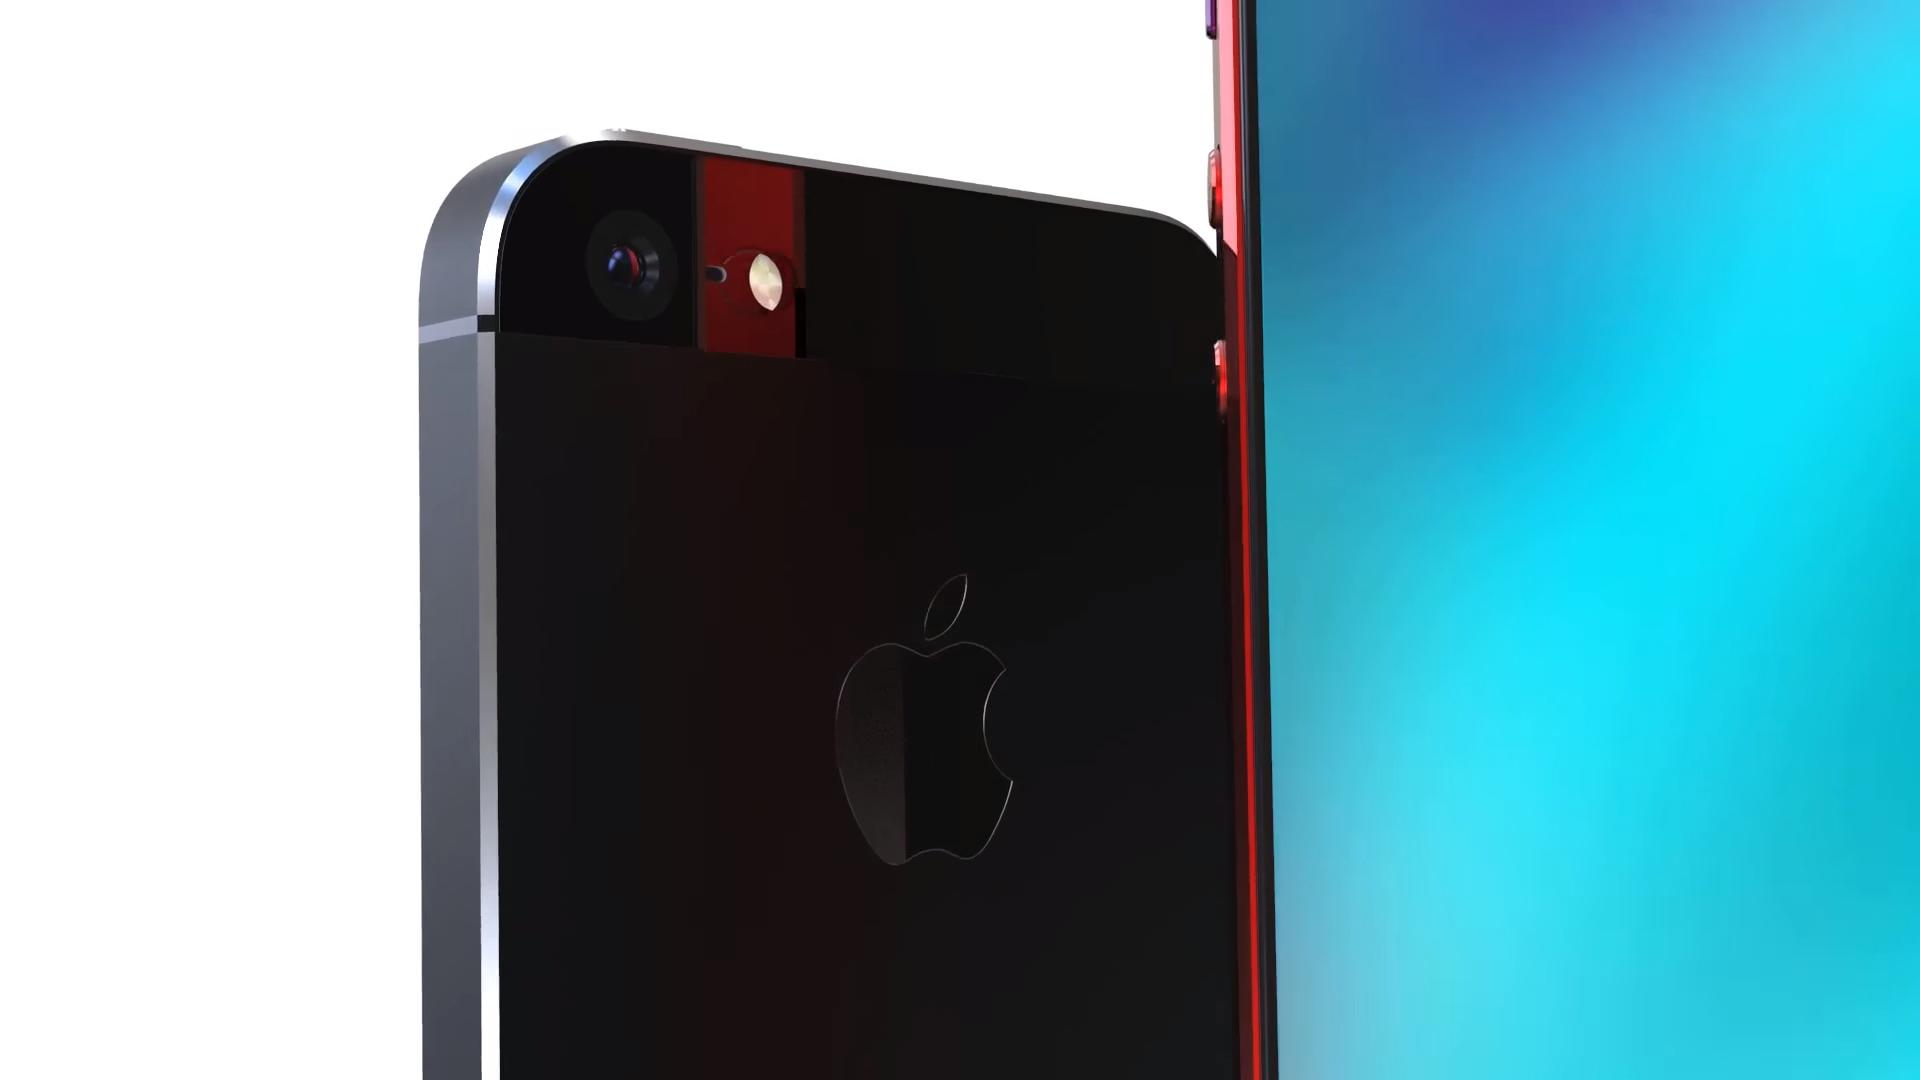 iphone se2 - Tận mắt ngắm nhìn iPhone SE2 đẹp rụng rời